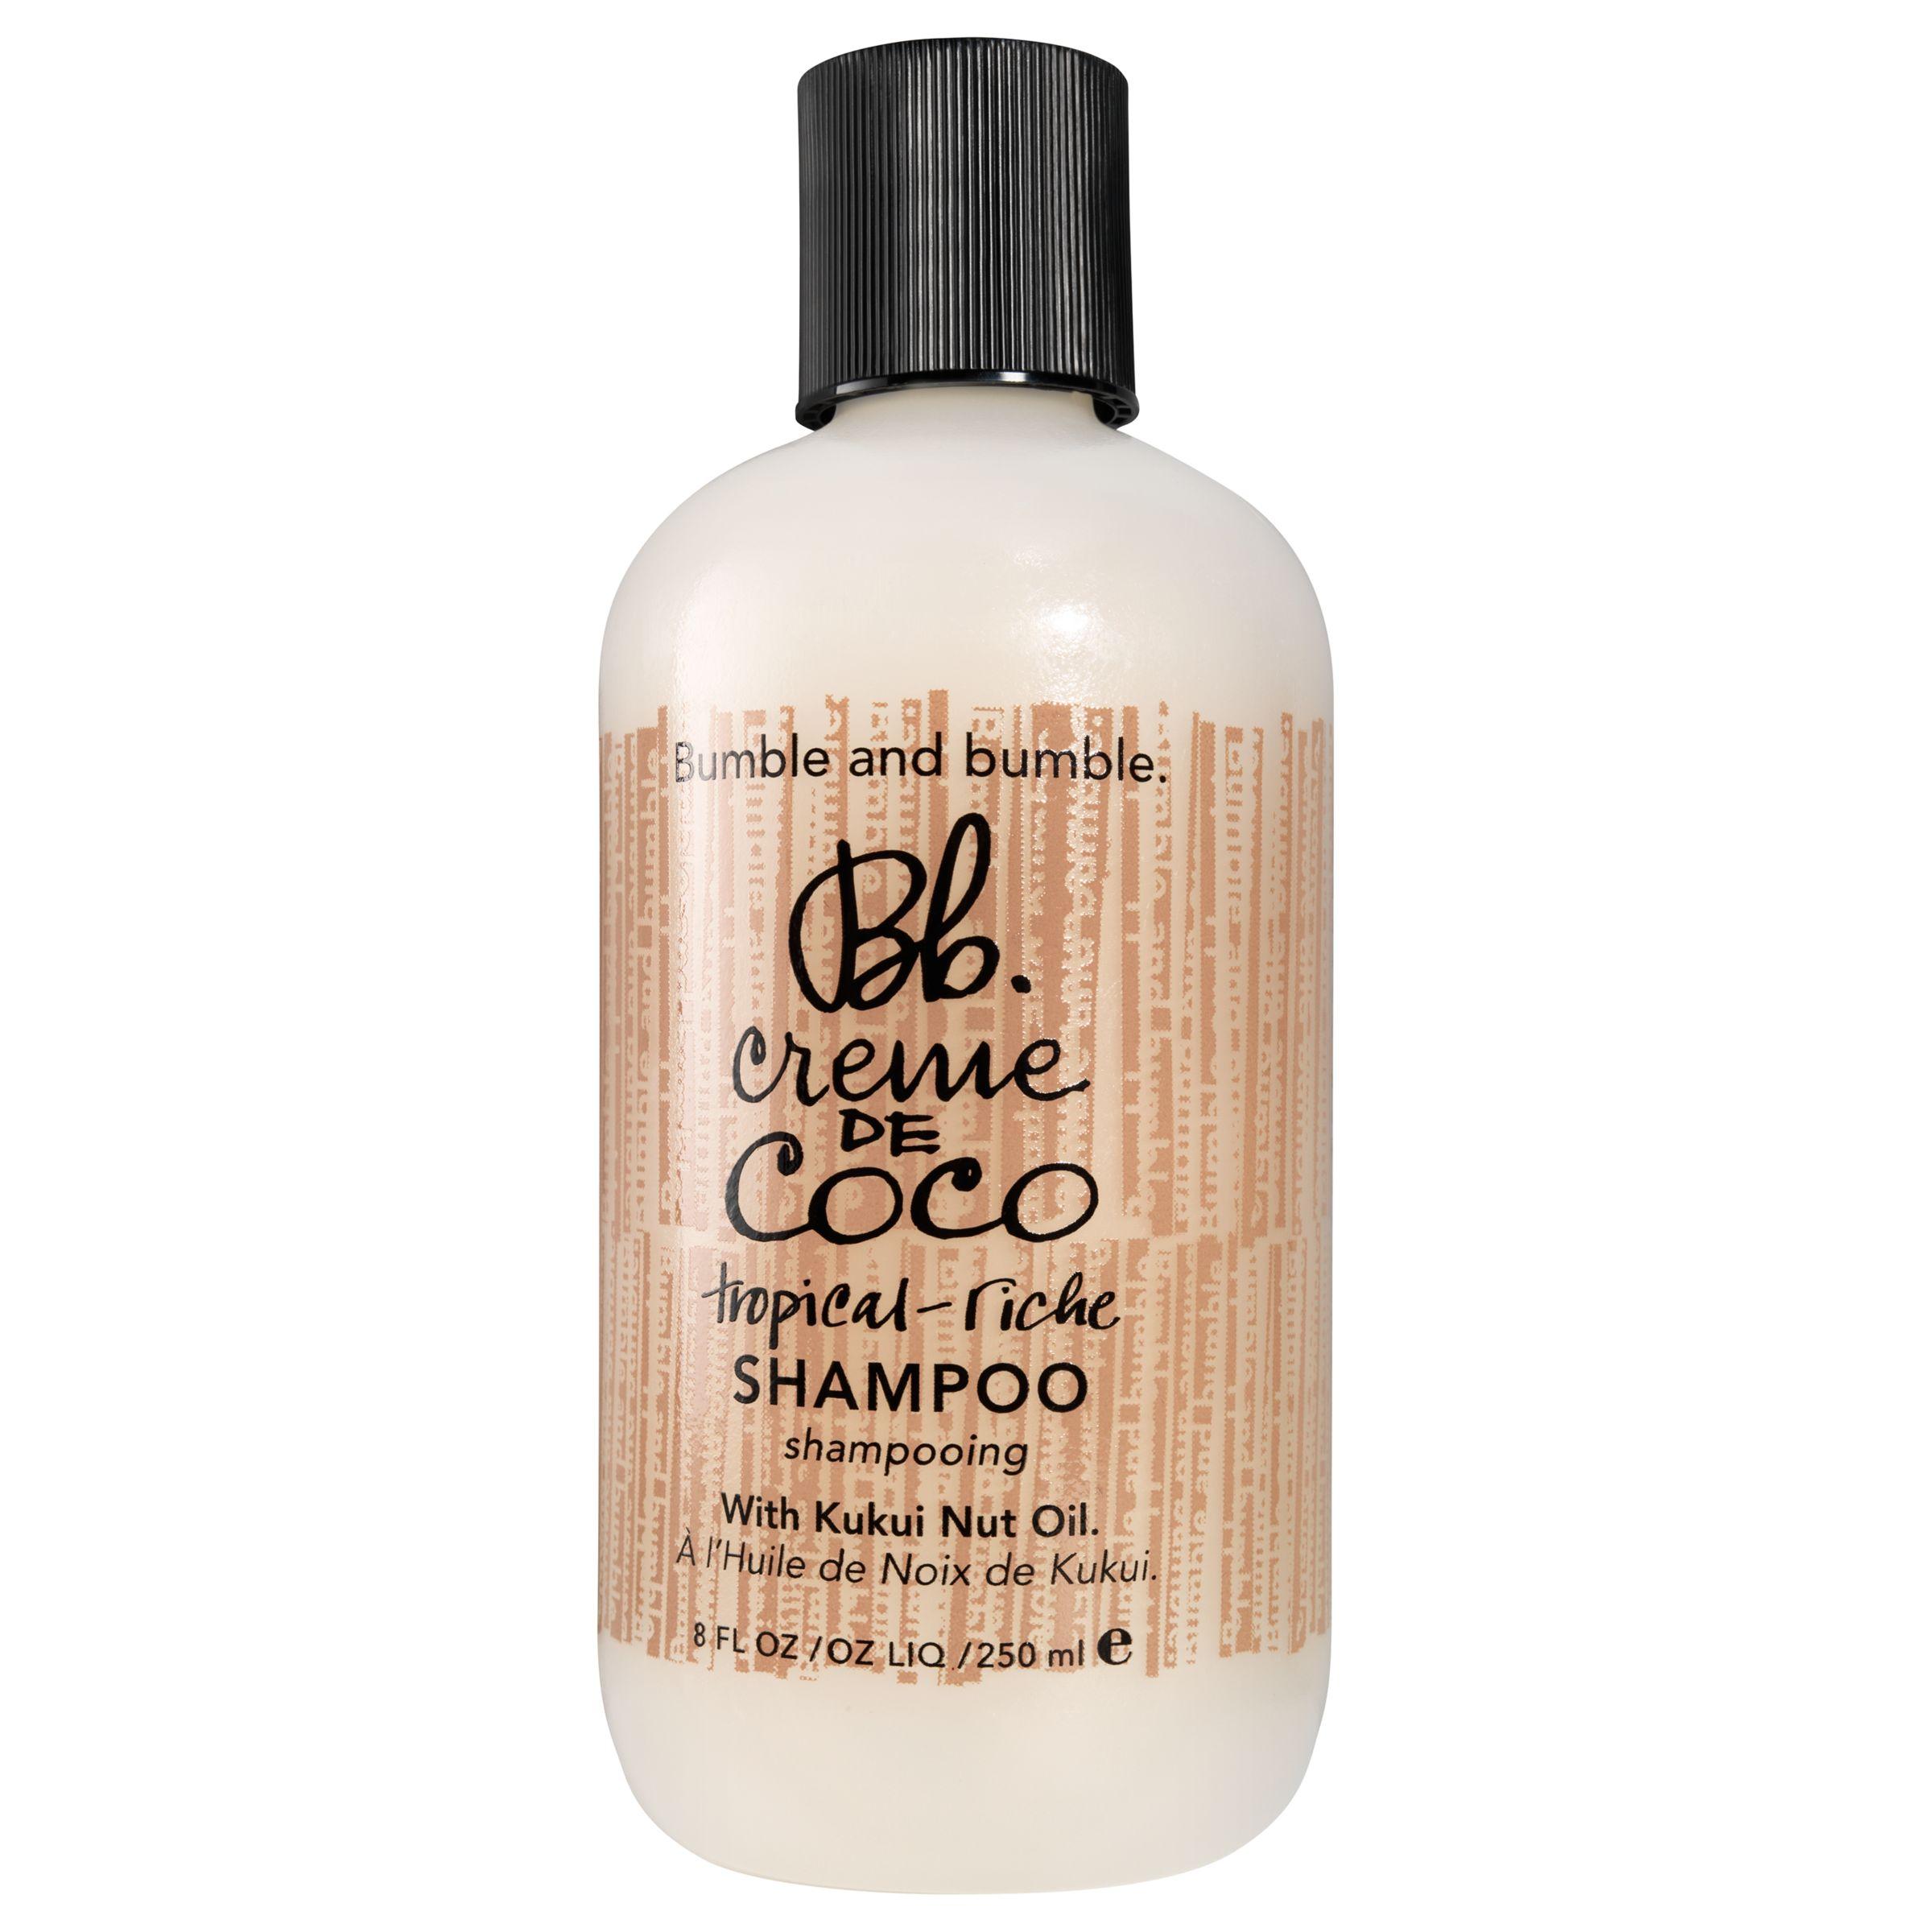 Bumble and bumble Bumble and bumble Crème de Coco Shampoo